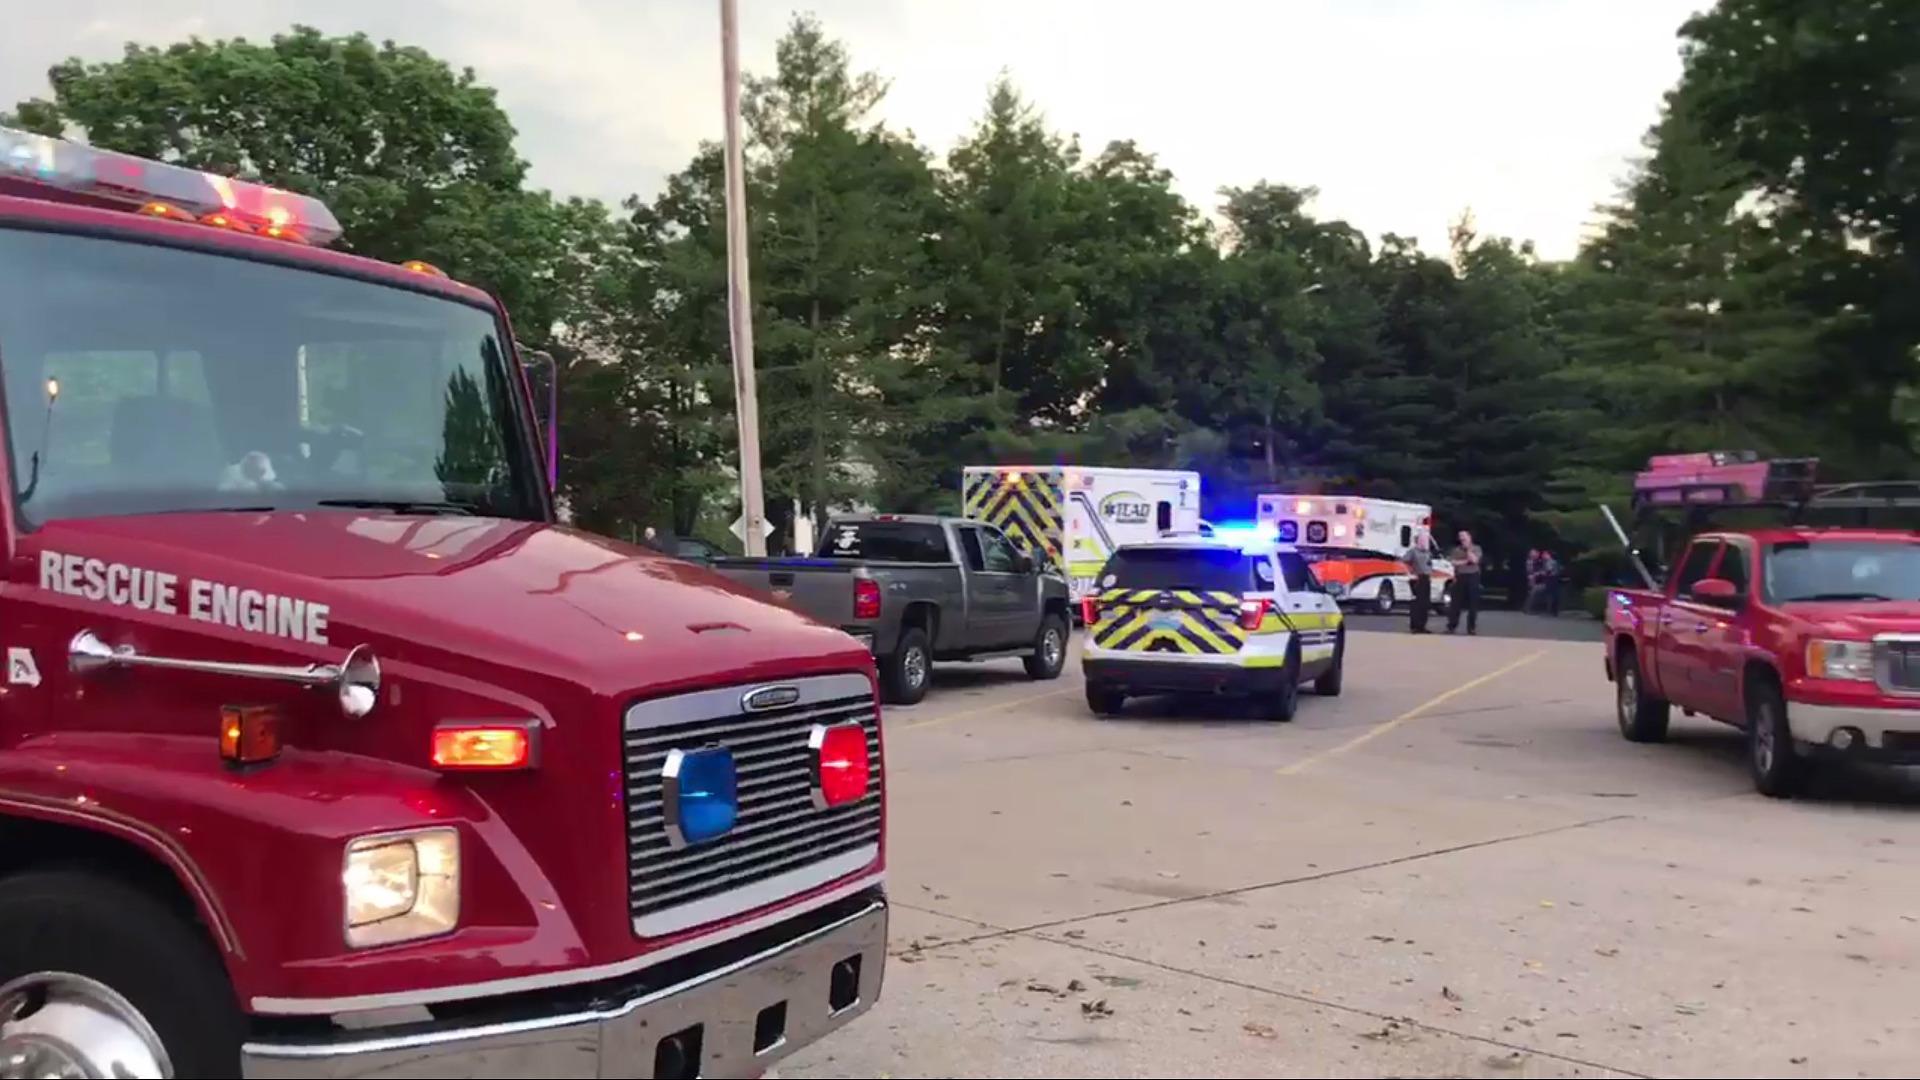 9 души от едно семейство са загинали в трагедията